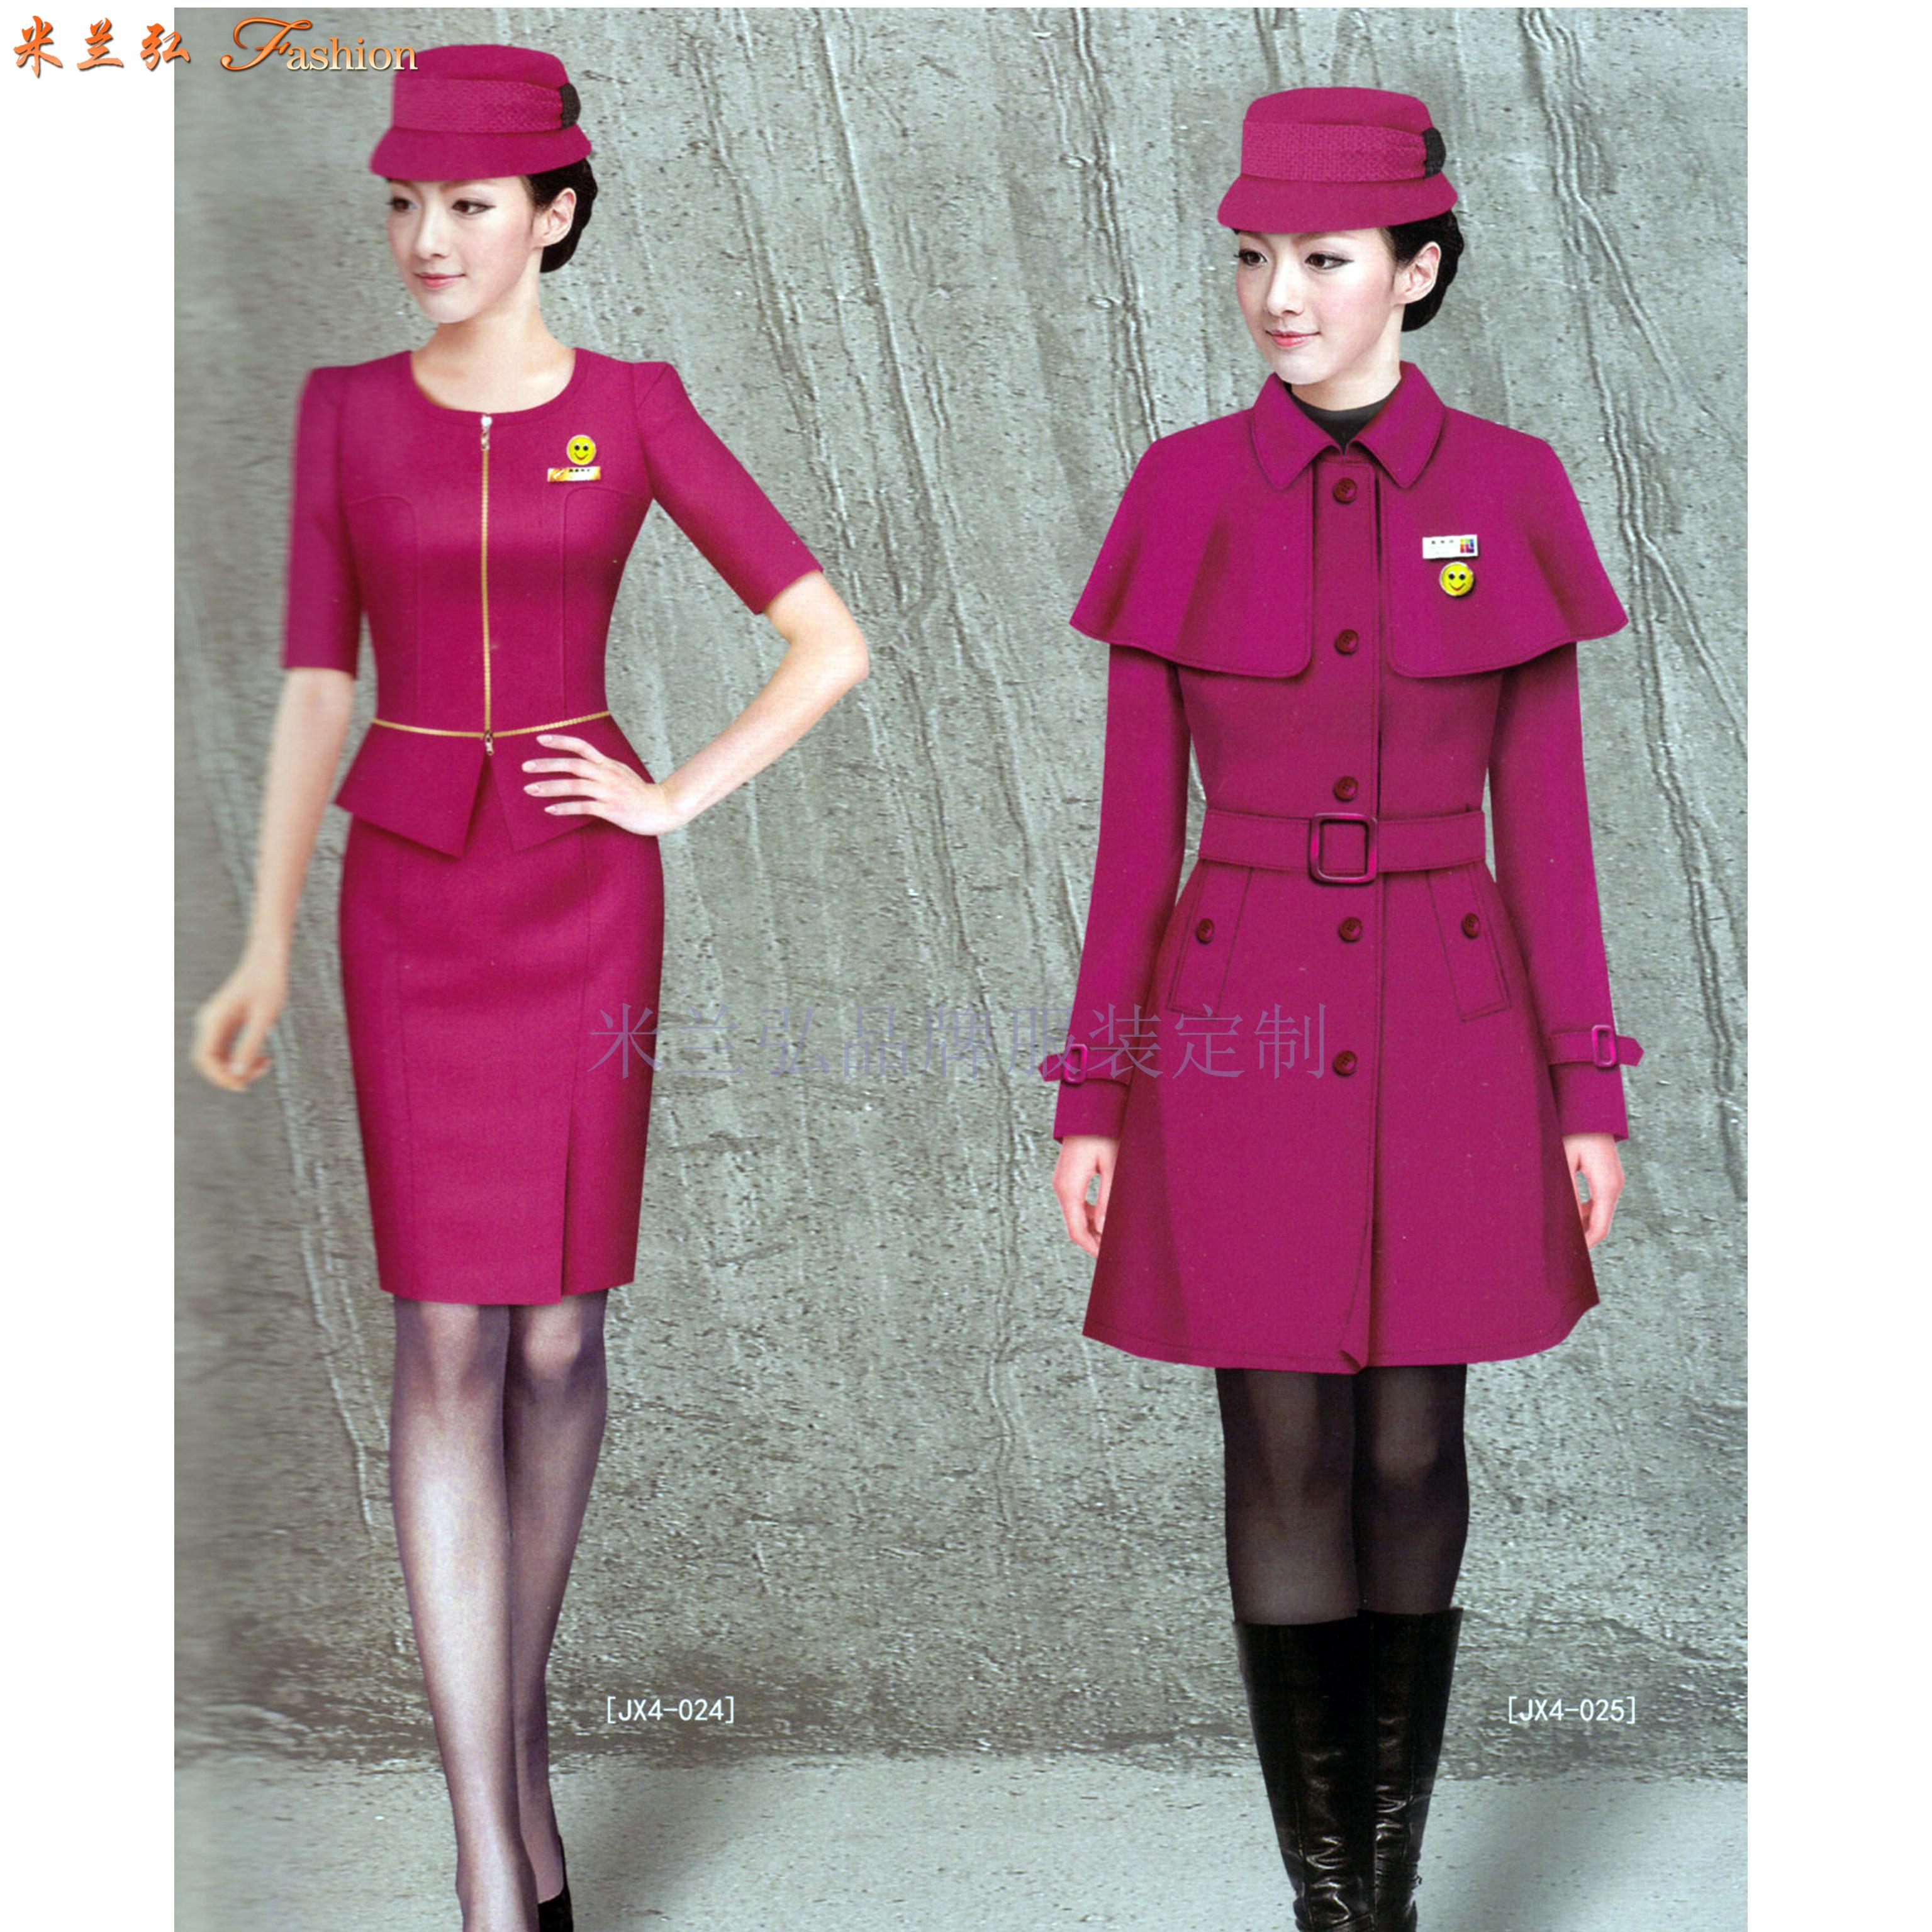 職業裝高檔連衣裙公司-國內職業裝品牌-米蘭弘服裝-5